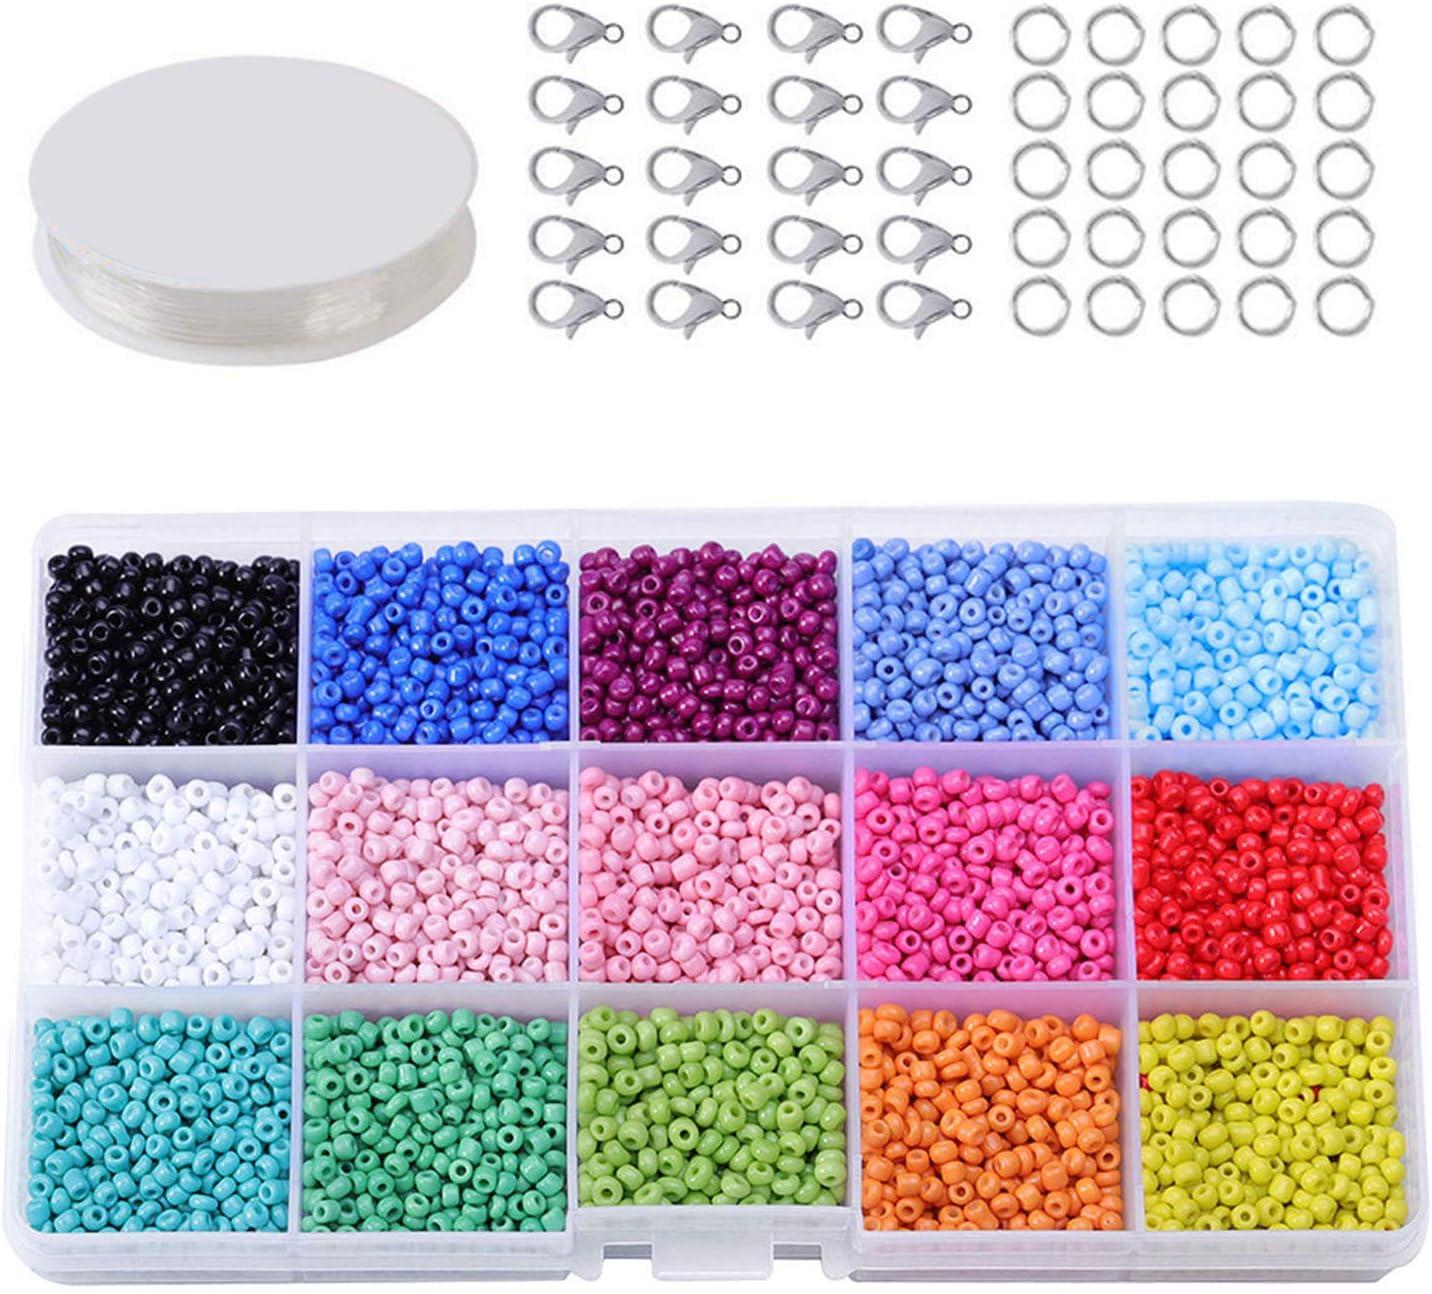 Abalorios para Hacer Pulseras, Mini Perlas de Vidrio Coloridas de 3mm con Cierre de Langosta, para Bricolaje JoyeríA Artesanal Collares Pulseras Arete BisuteríA Hacer Regalo 7000-7500 Piezas